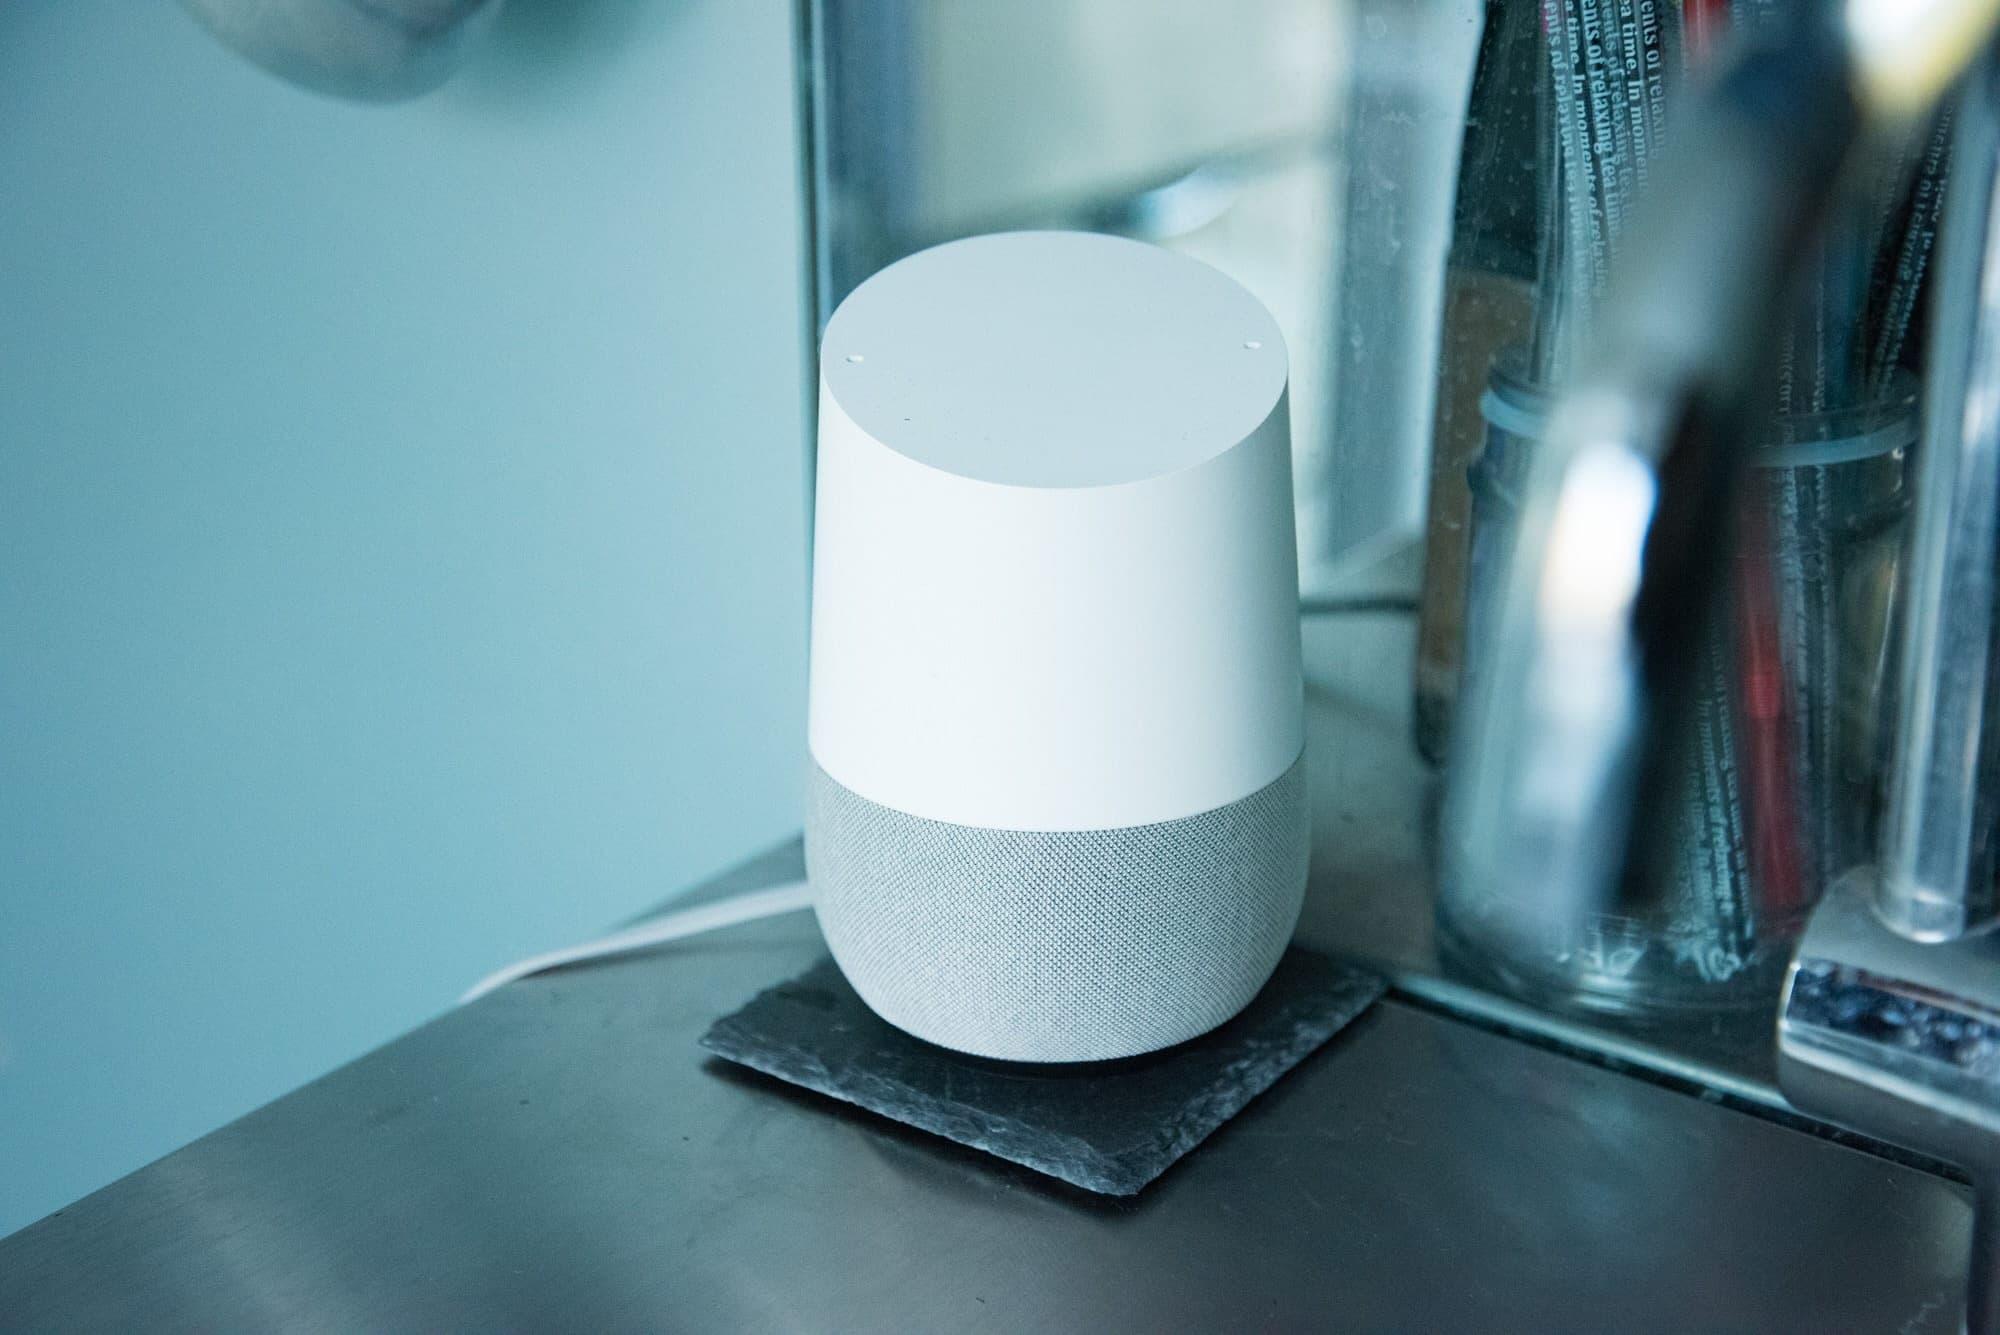 洗面台に置かれたGoogle Home